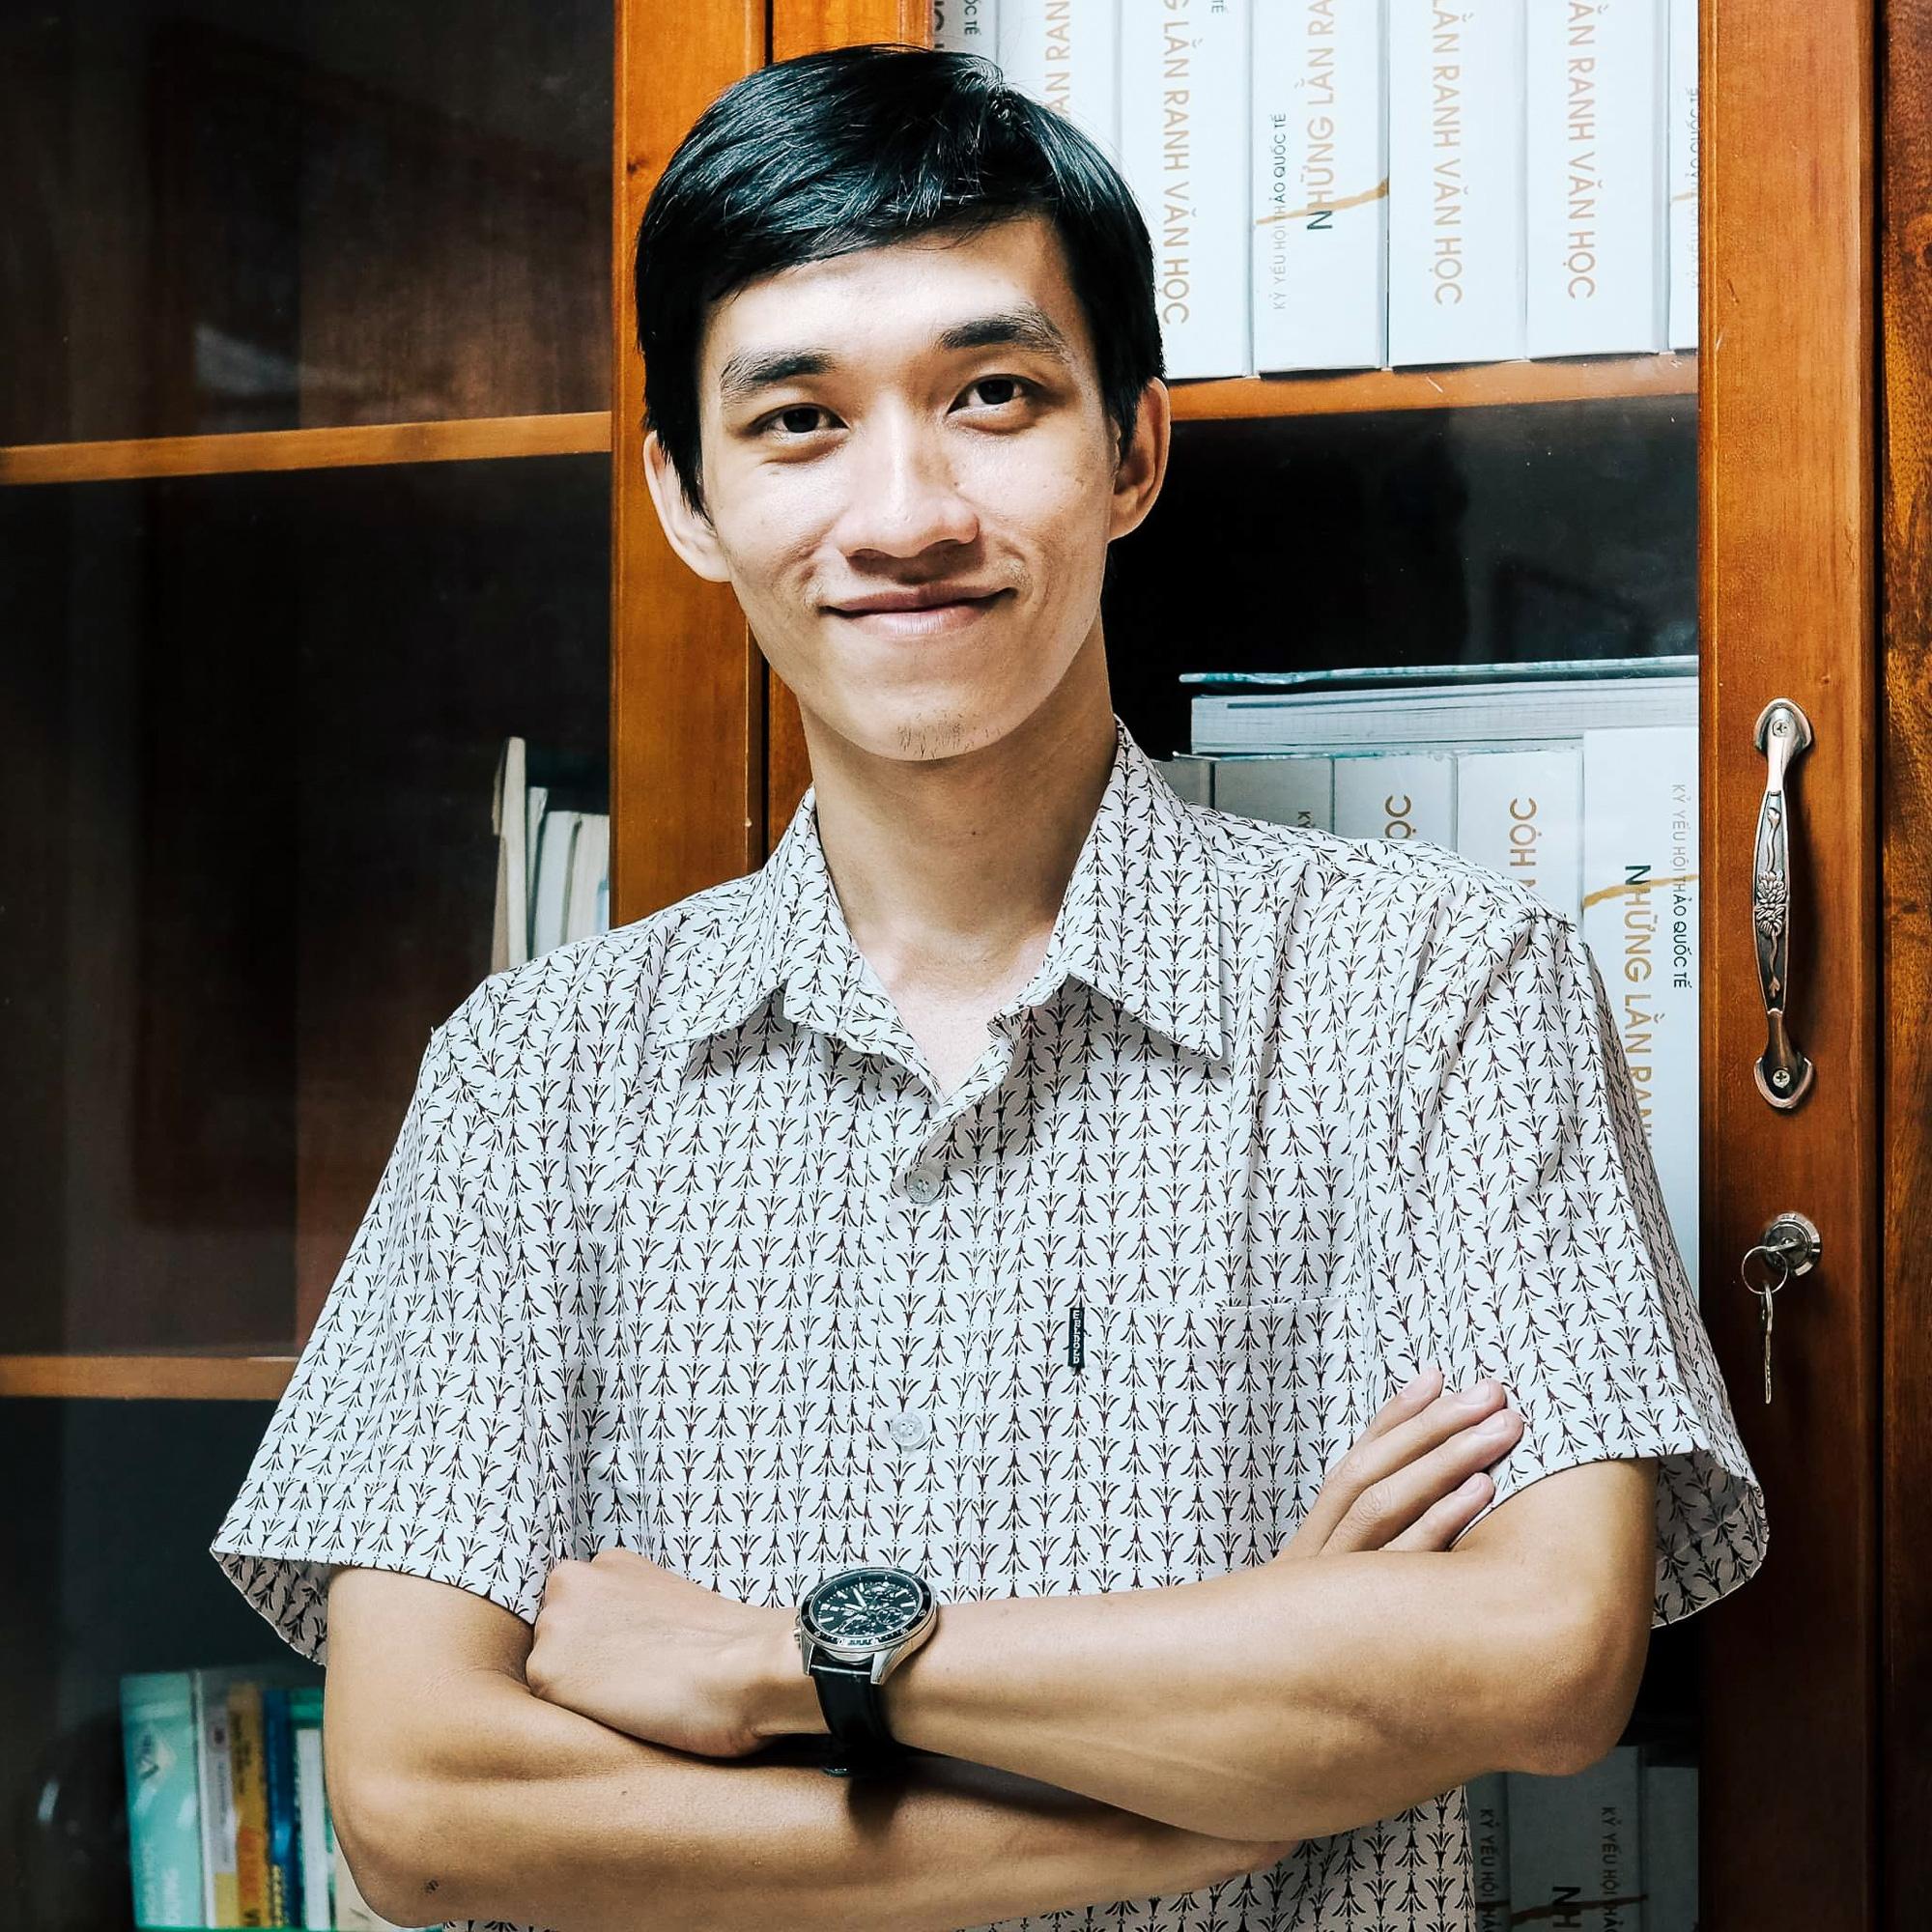 Kỳ nghỉ Tết dài nhất lịch sử của ngành Giáo dục Việt Nam - Ảnh 4.